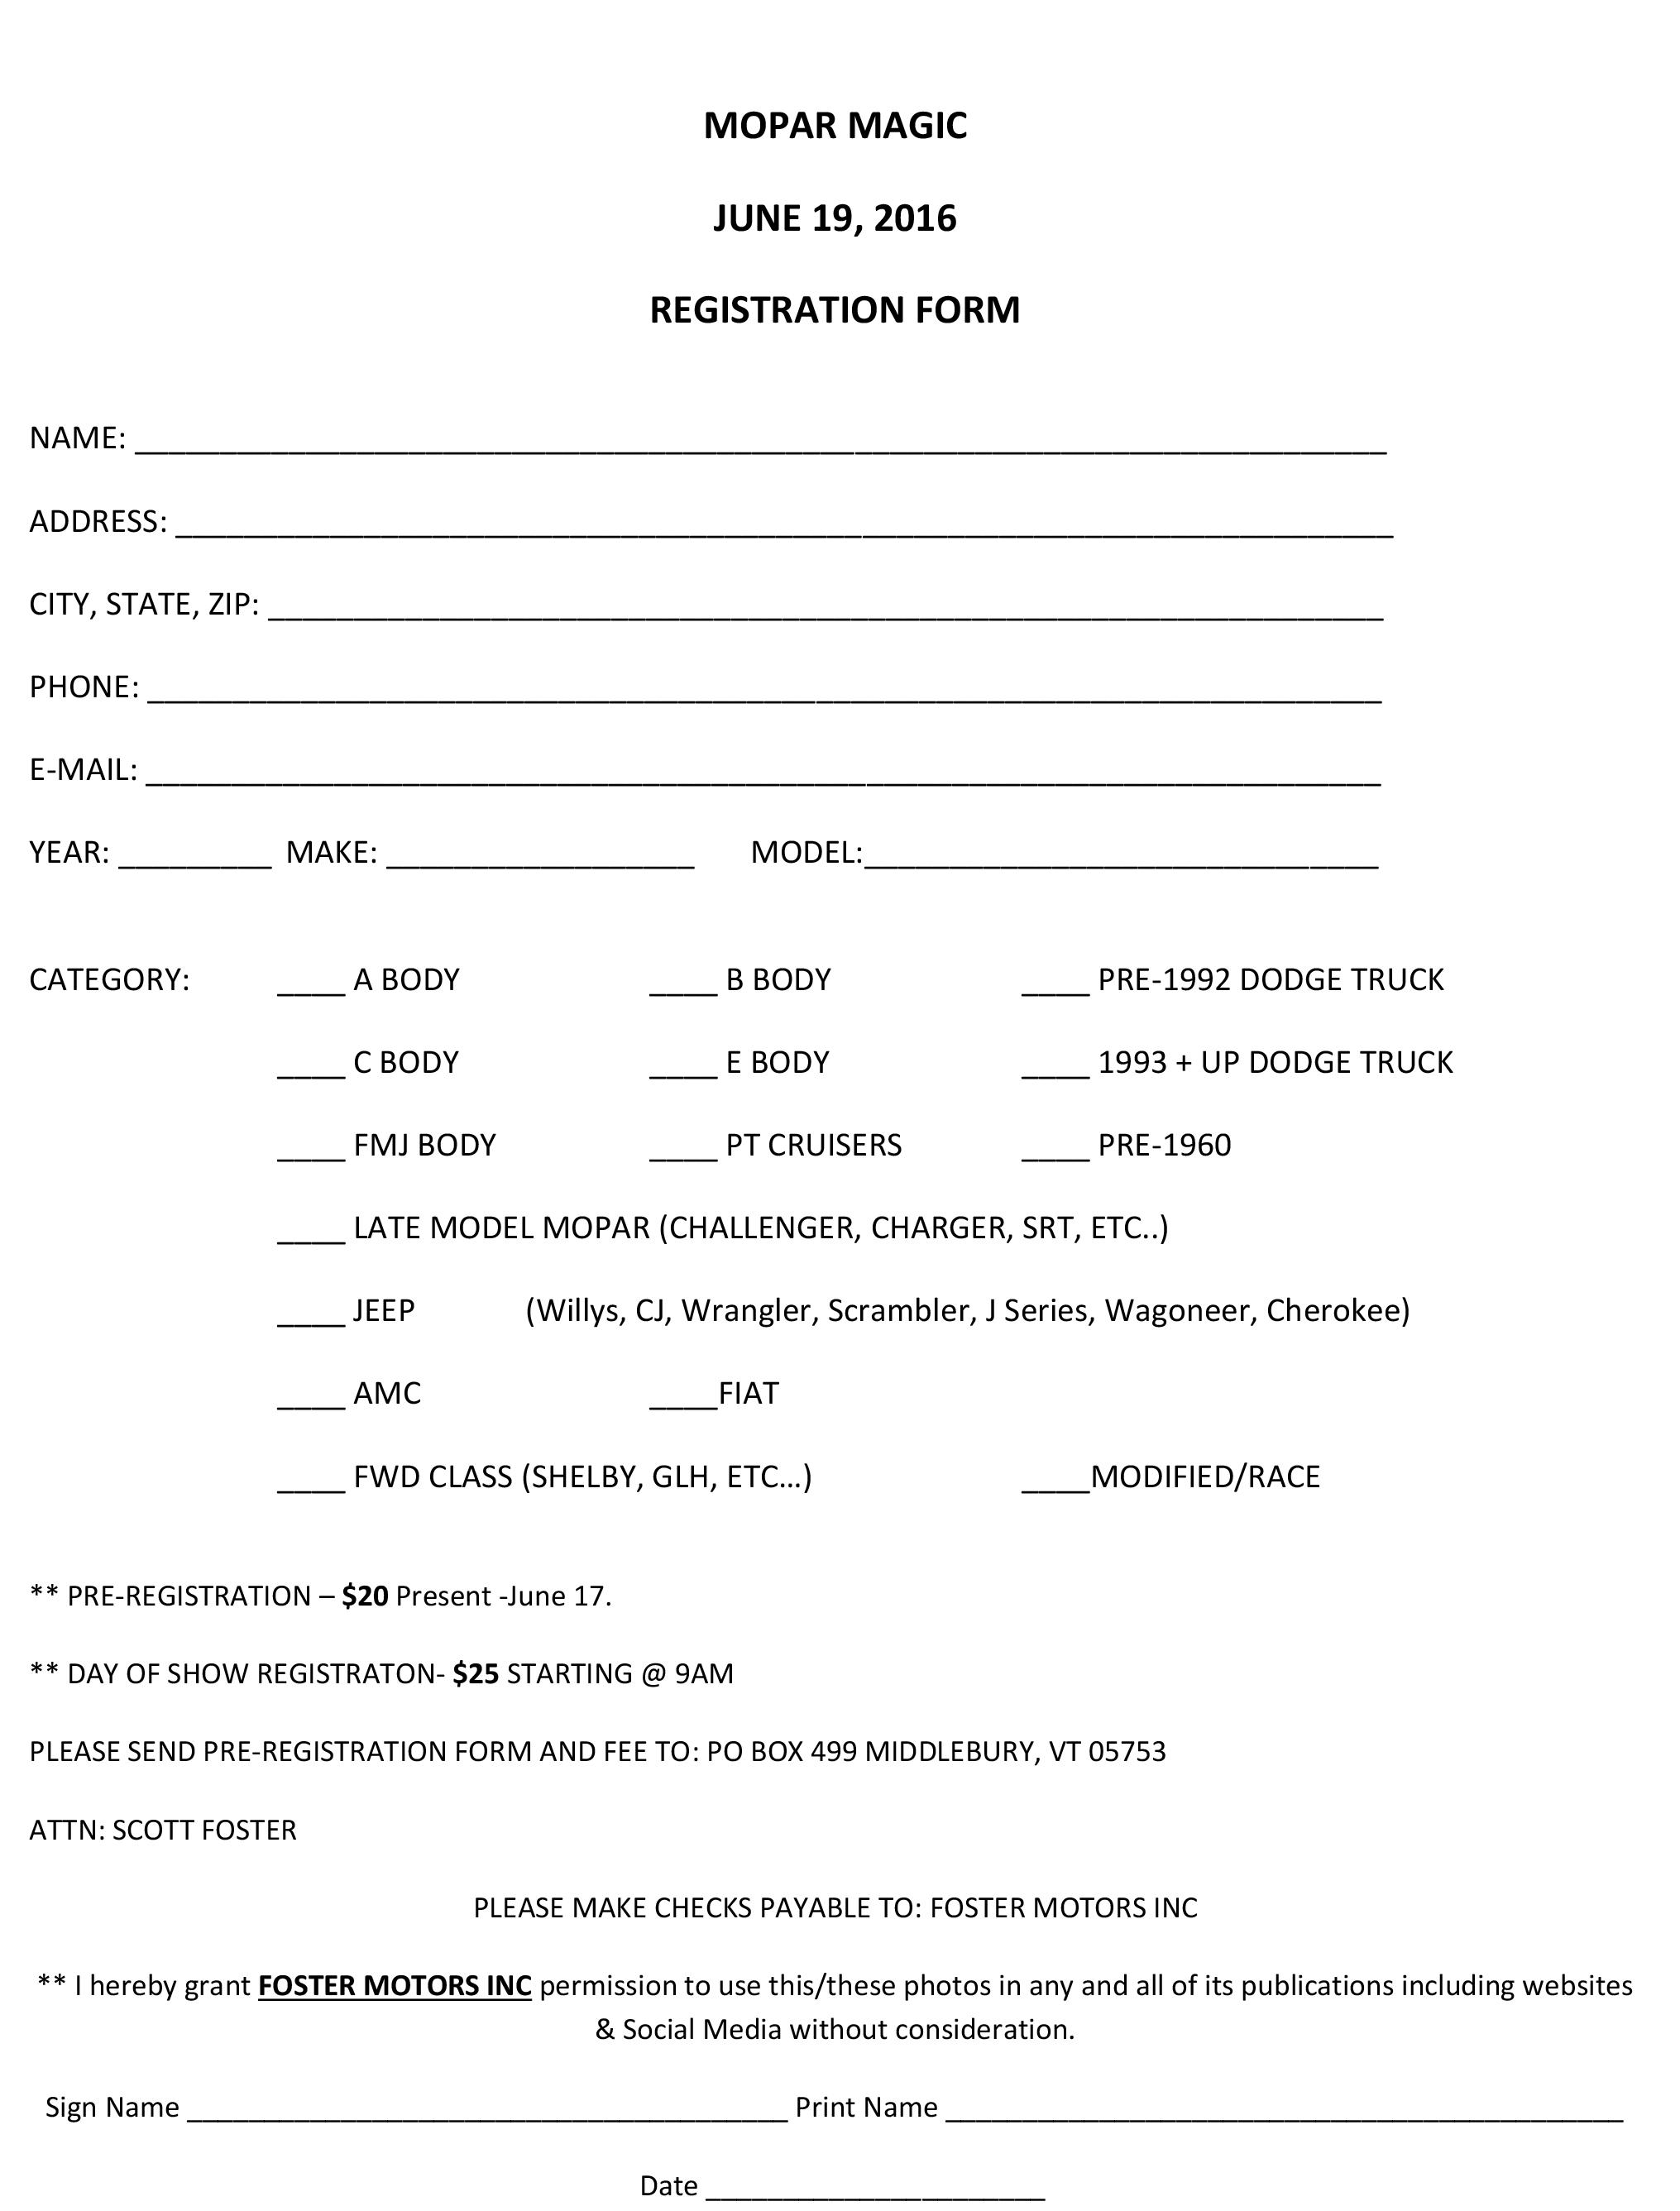 Mopar Magic Show Registration Foster Motors In Rutland Vt